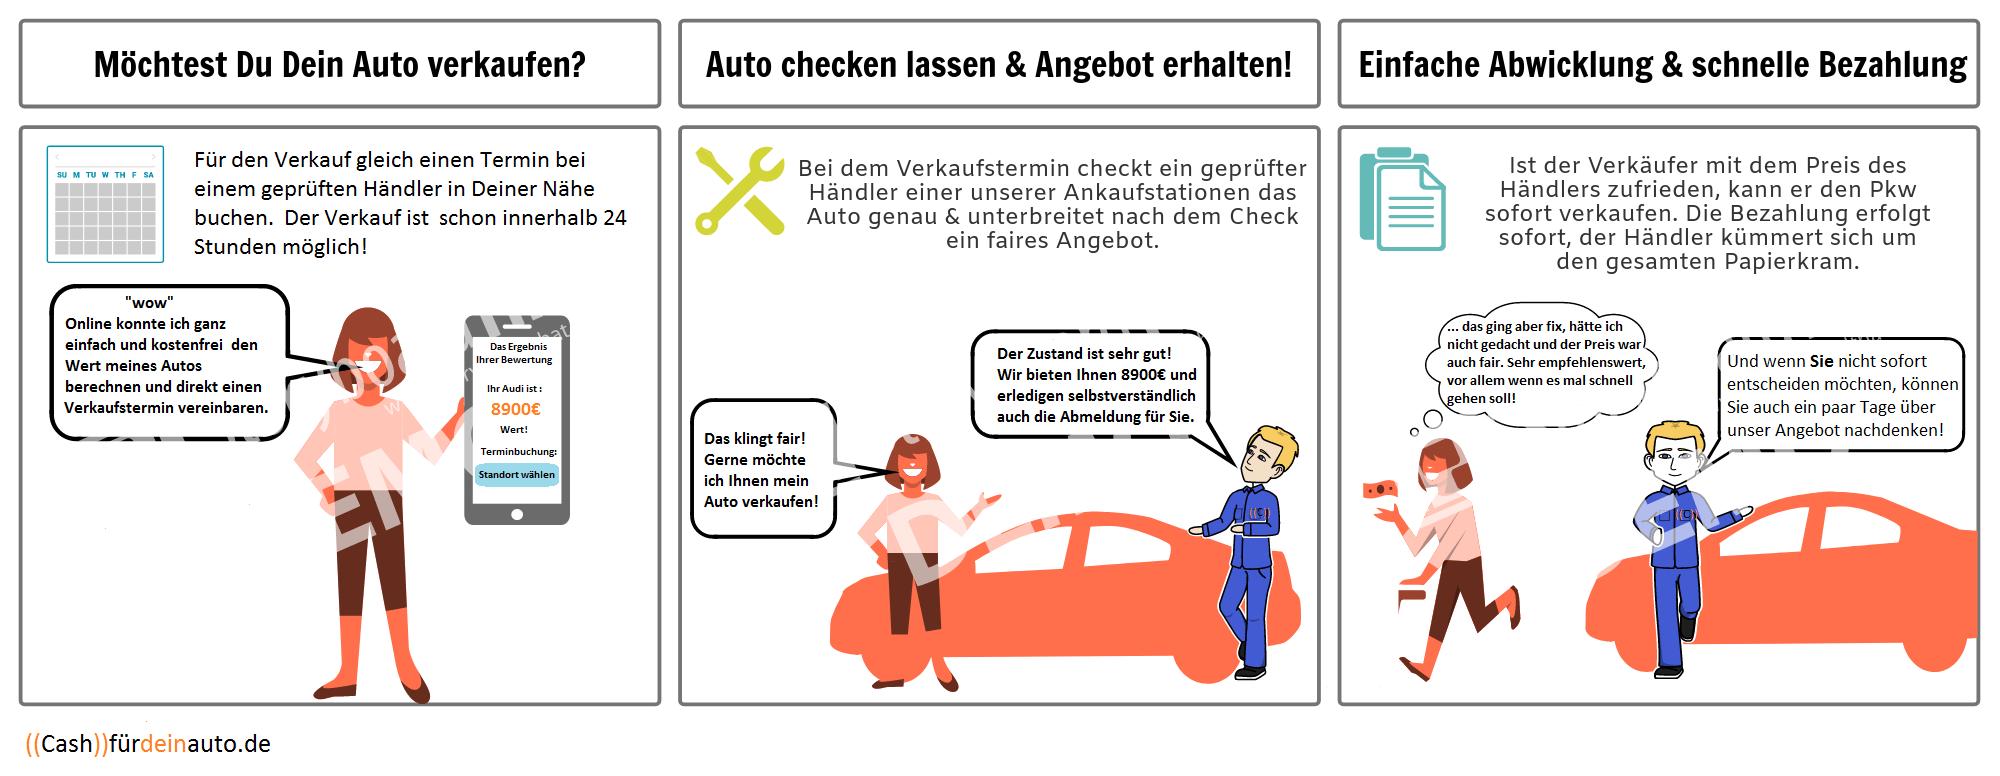 wir kaufen dein auto-Hilden-Heiligenhaus-Solingen-Neuss-Erkrath-Wuppertal-Haan-Düsseldorf-NRW- ablauf-des-autoverkaufs-mit-unterstützung-von-cashfurdeinauto-de-(1.4)